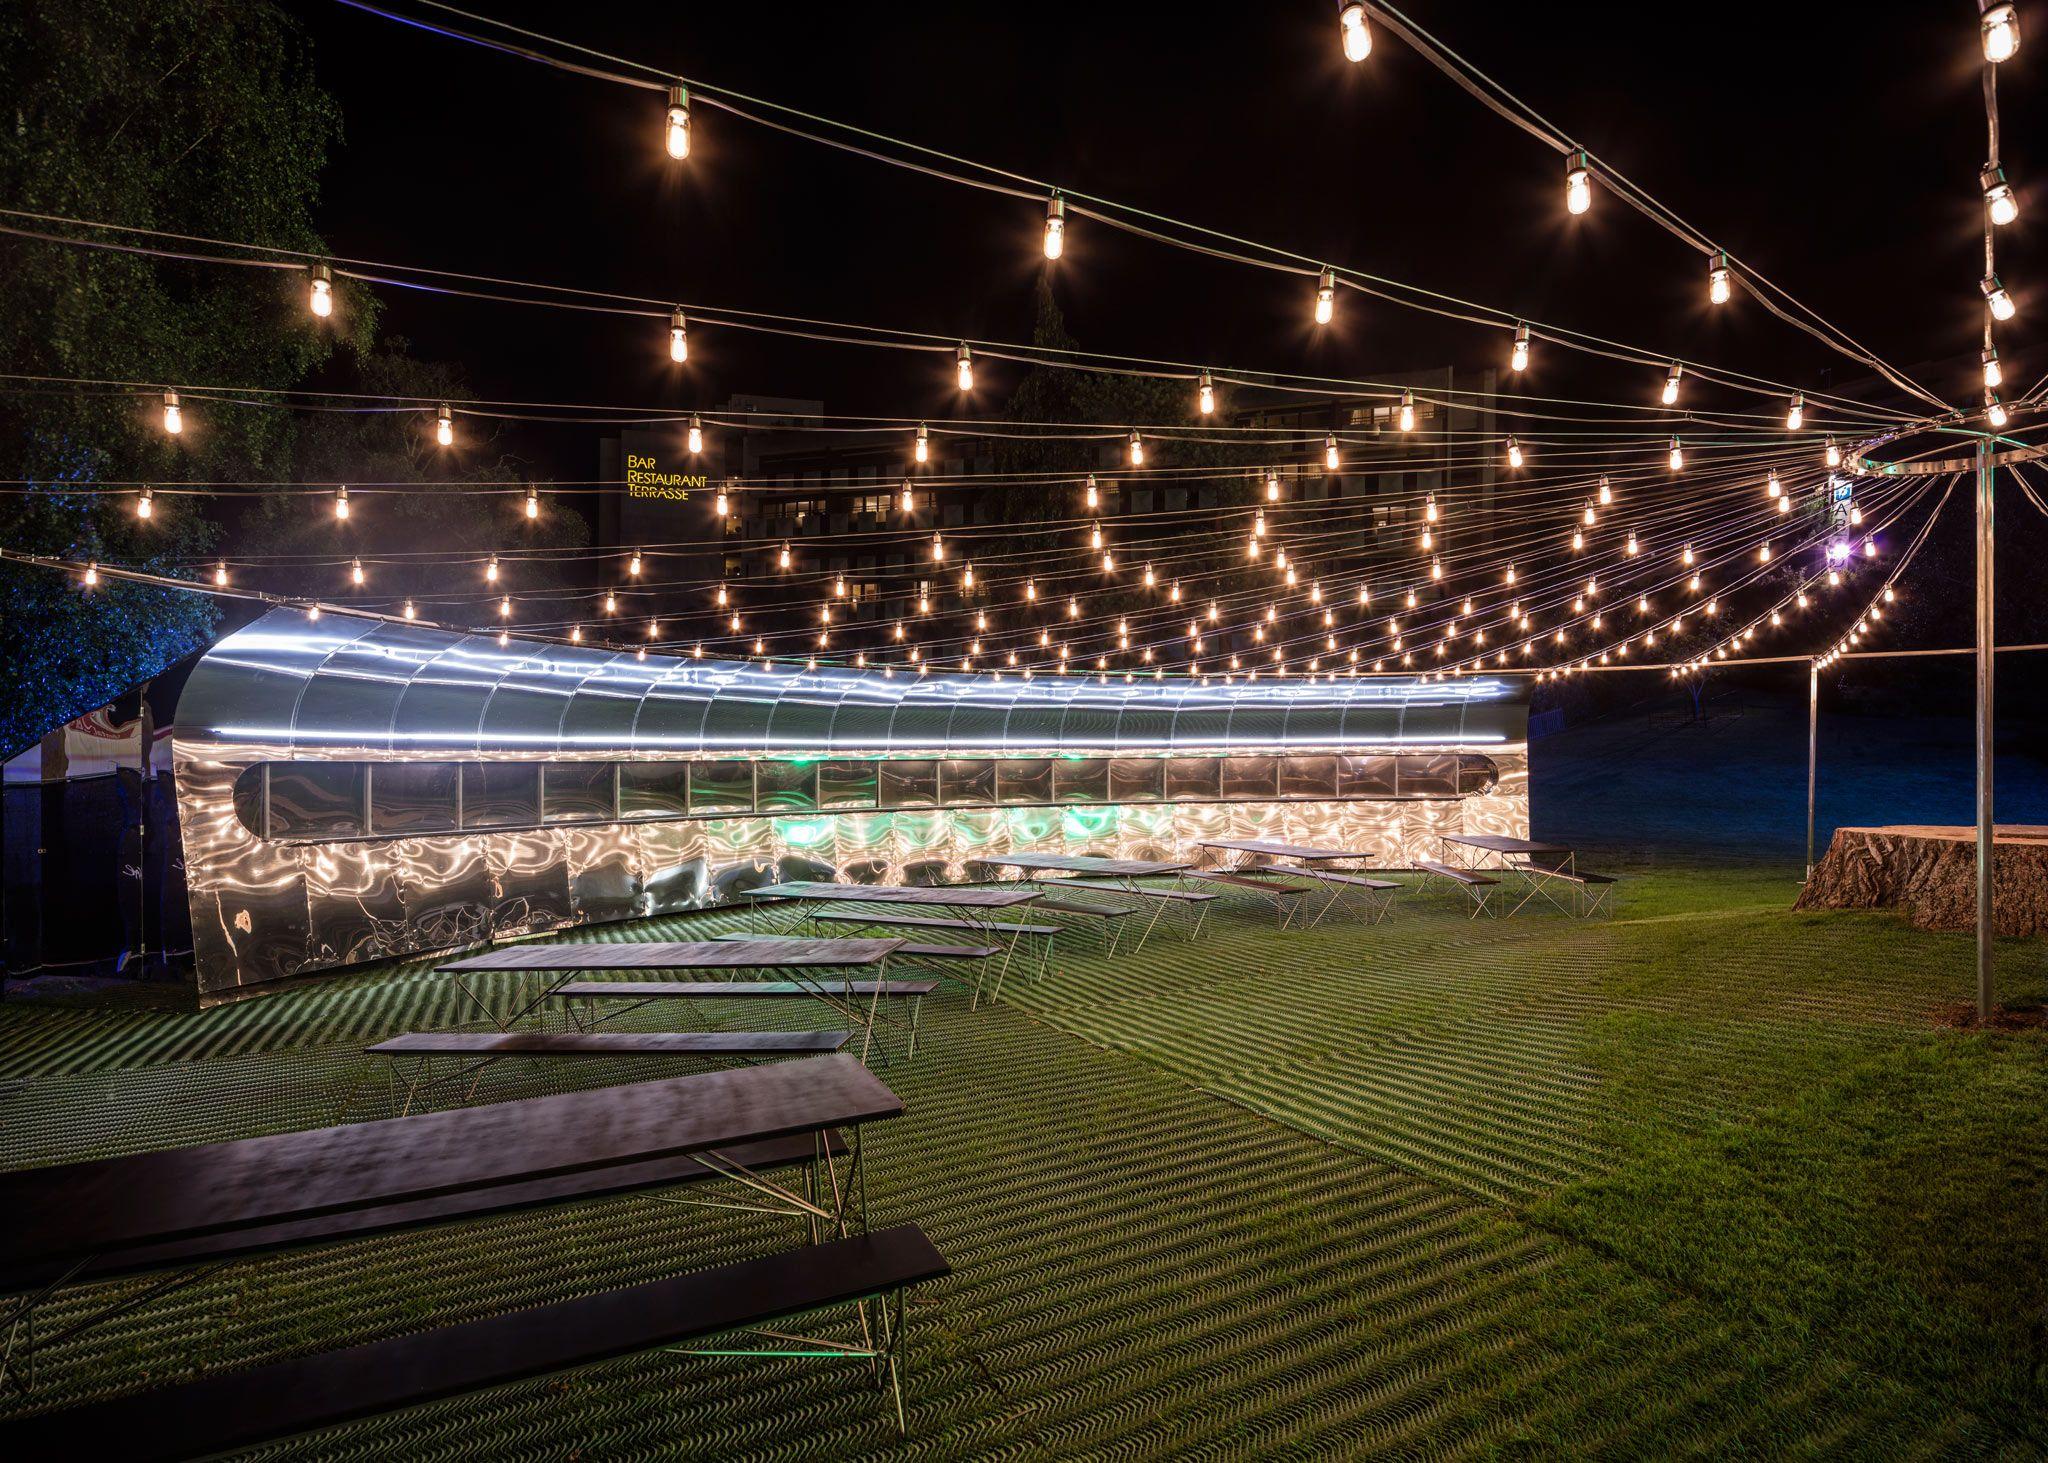 Montreux jazz festival circular pavilion by bureau a events